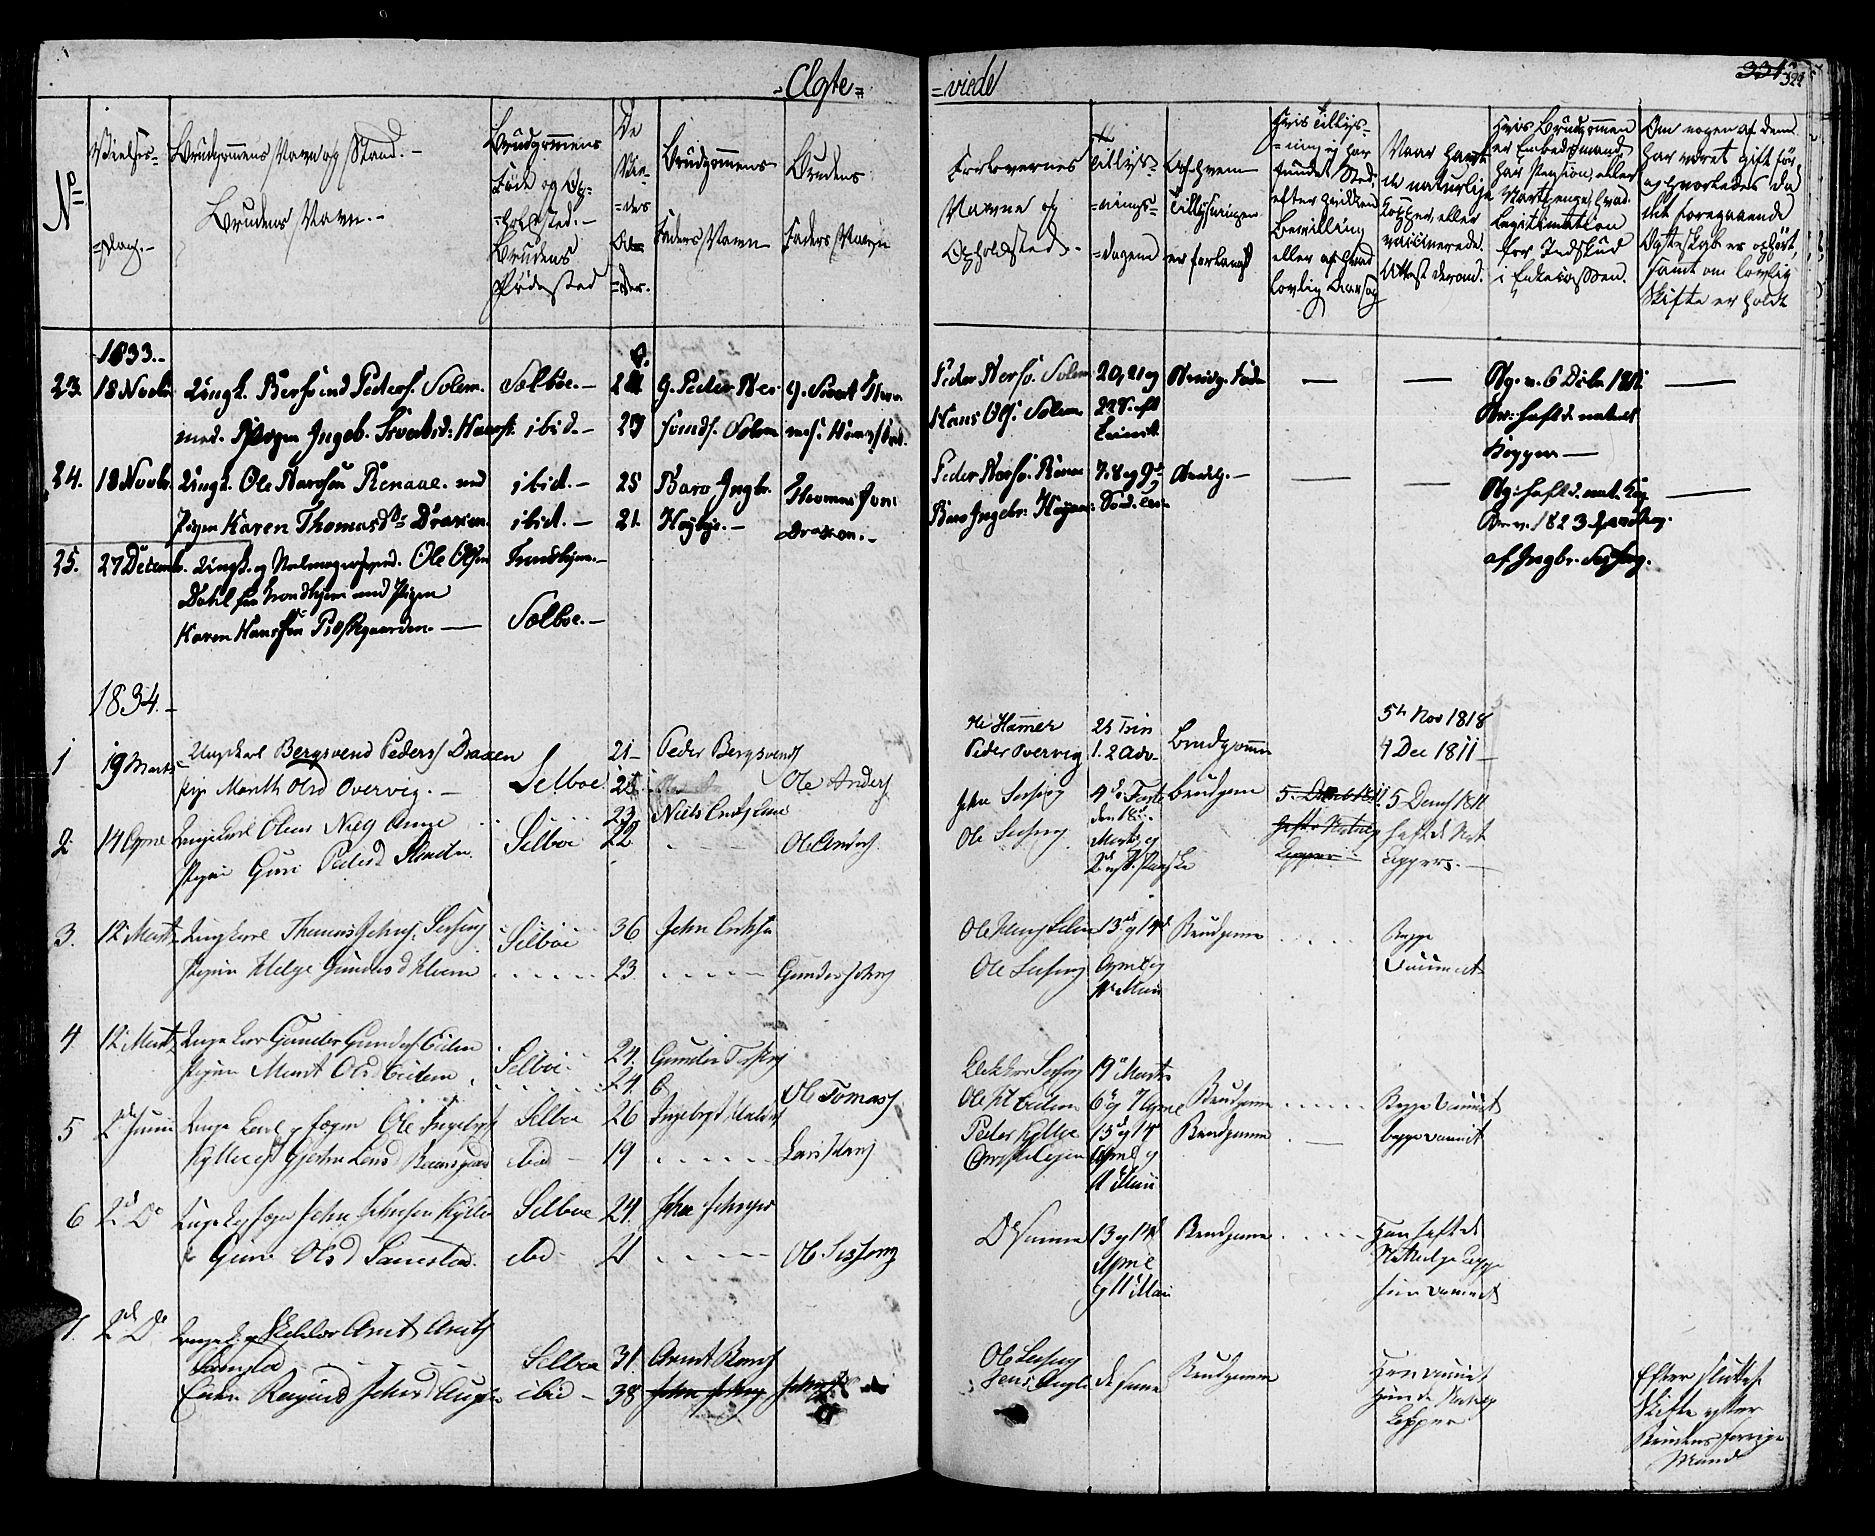 SAT, Ministerialprotokoller, klokkerbøker og fødselsregistre - Sør-Trøndelag, 695/L1143: Ministerialbok nr. 695A05 /1, 1824-1842, s. 322